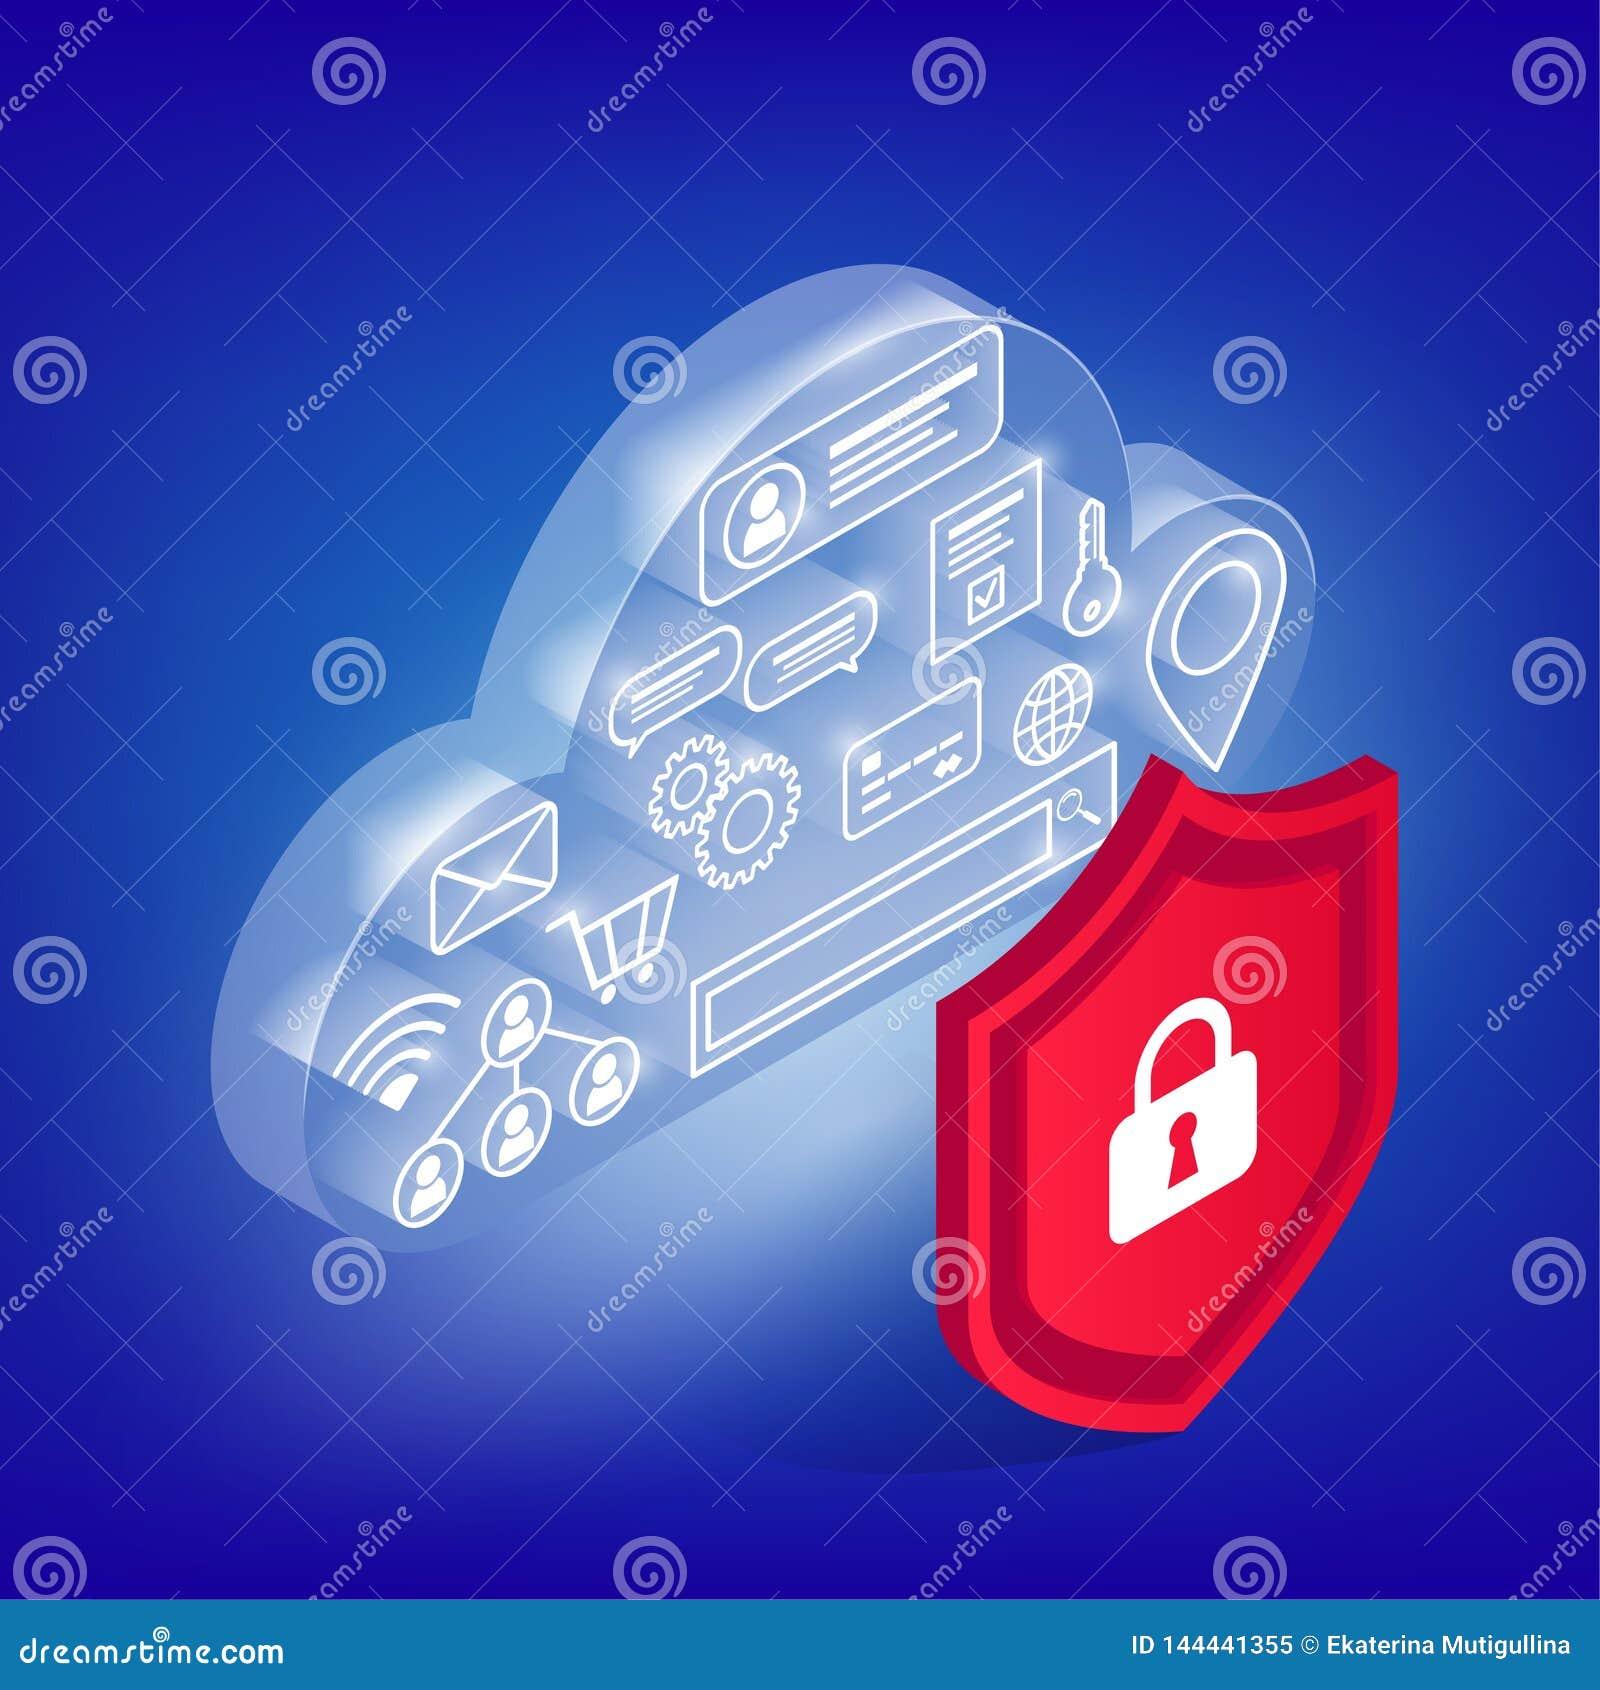 Iconos en nube cibernética que brilla intensamente